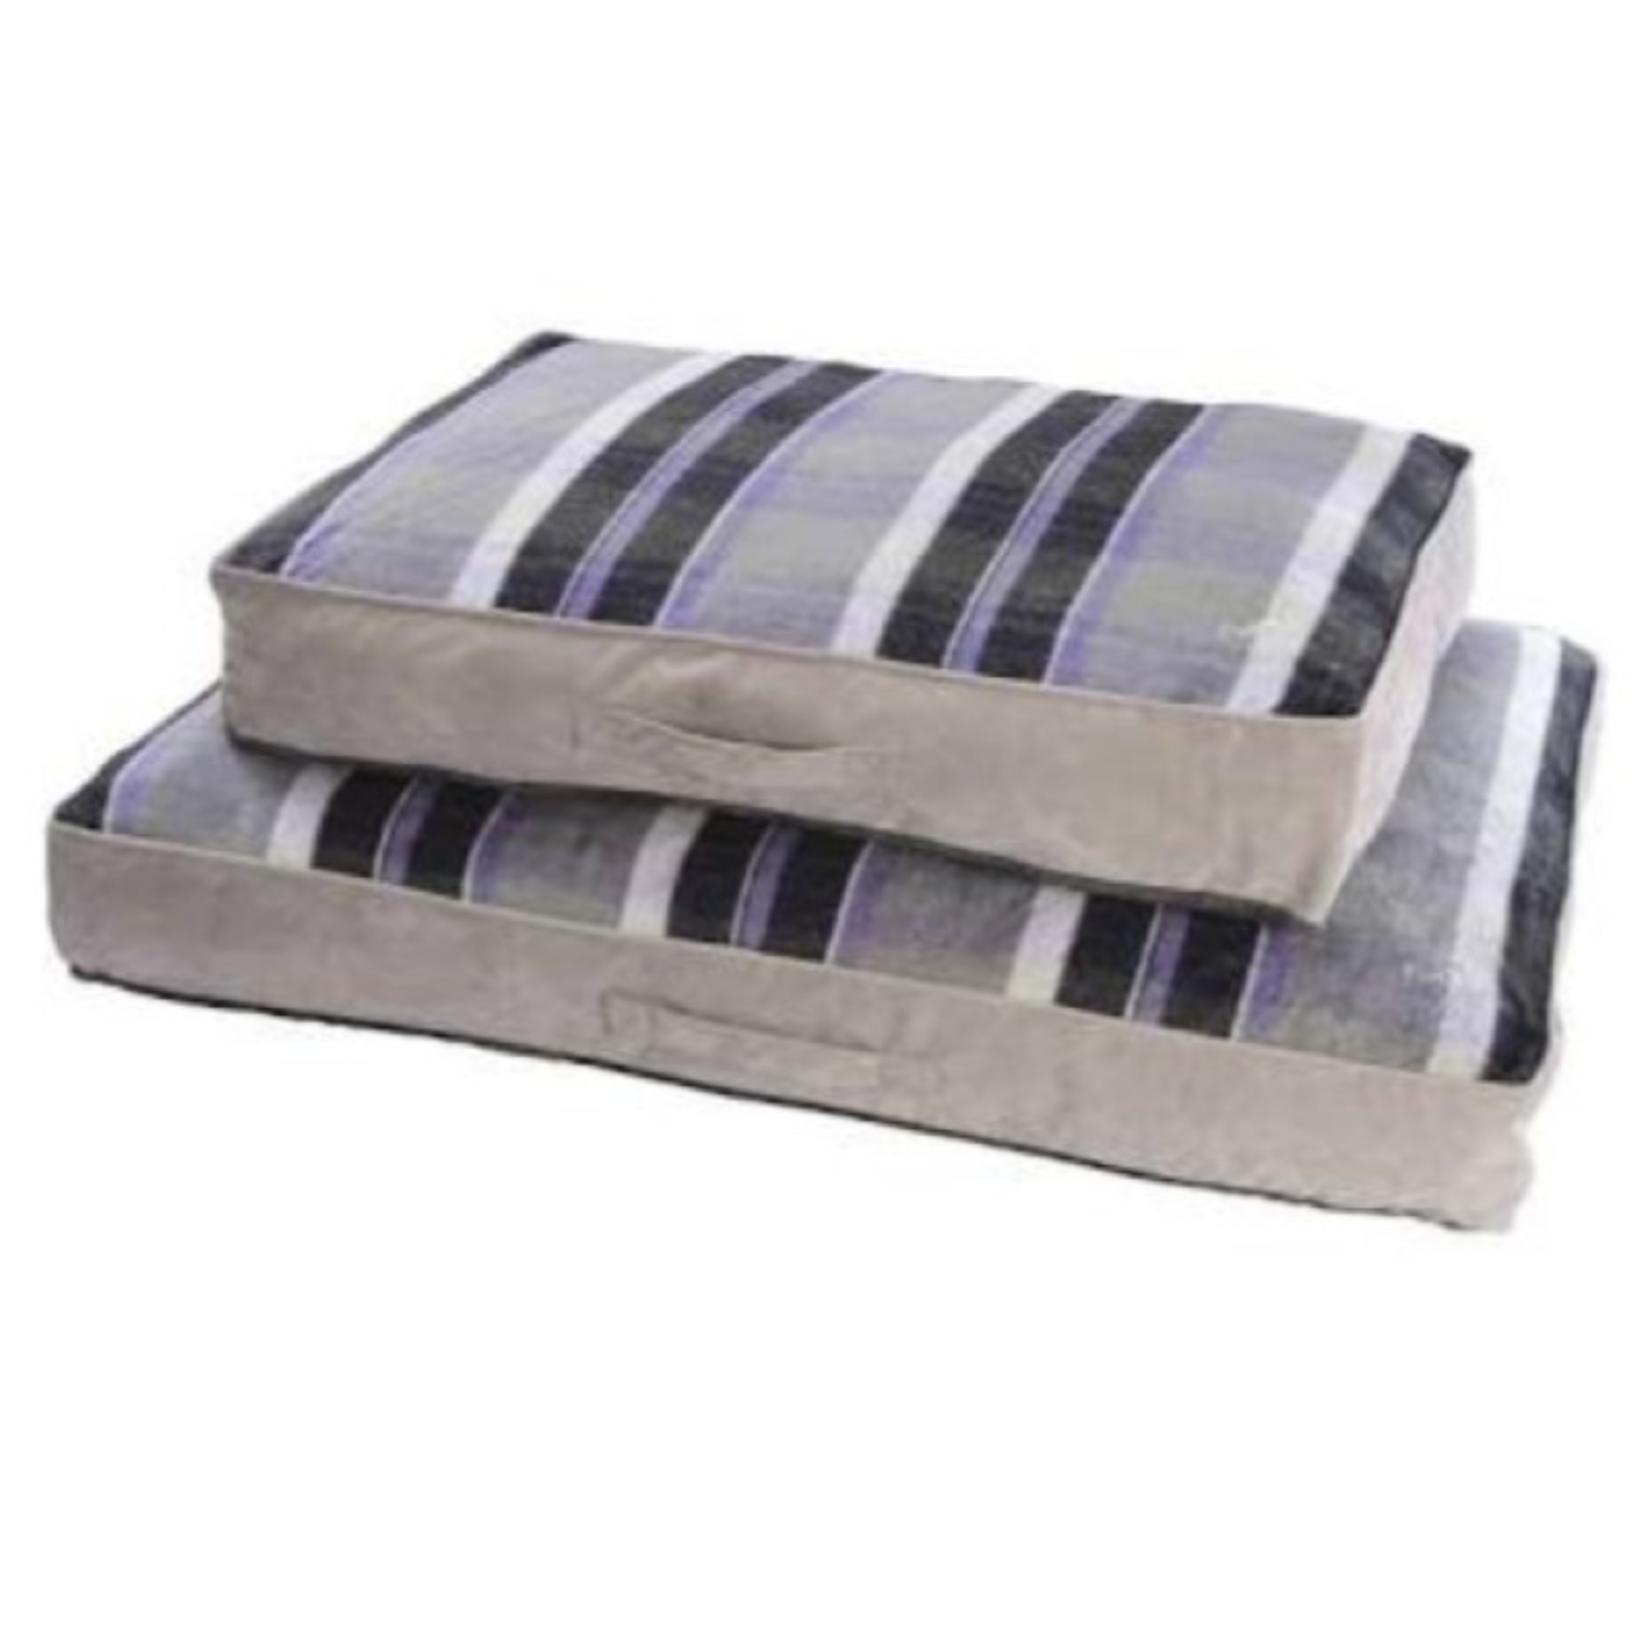 Gor Pets Camden Sleeper Deluxe Dog Bed, Medium 56x81x13cm